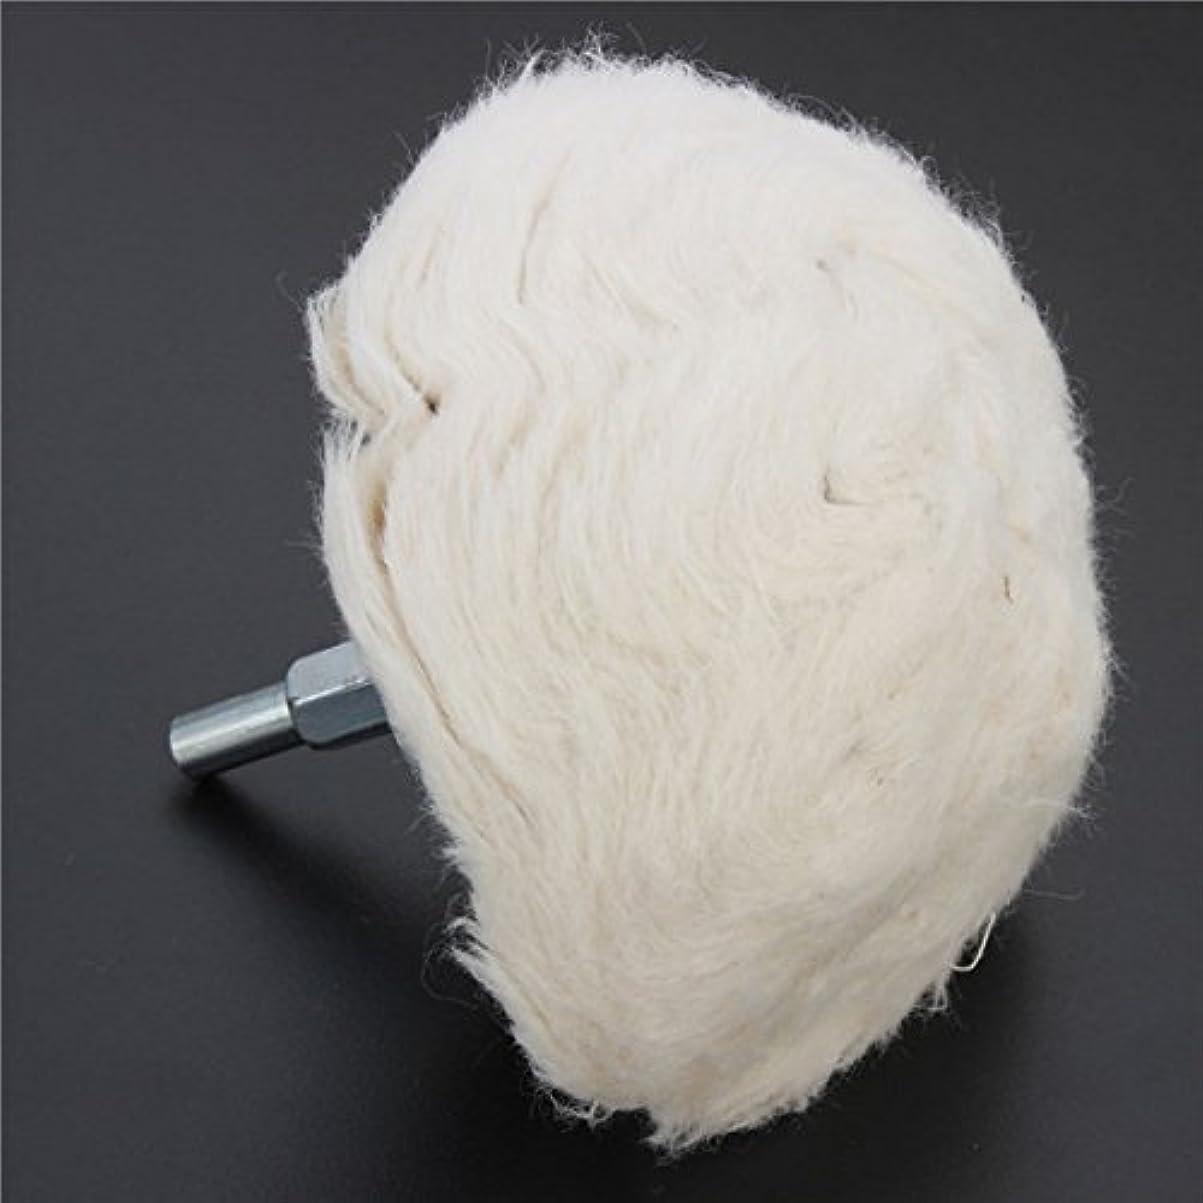 舞い上がる感性検出Queenwind 100mm の綿のドームの磨く車輪のモップを回転式用具のためのホイルで磨きなさい